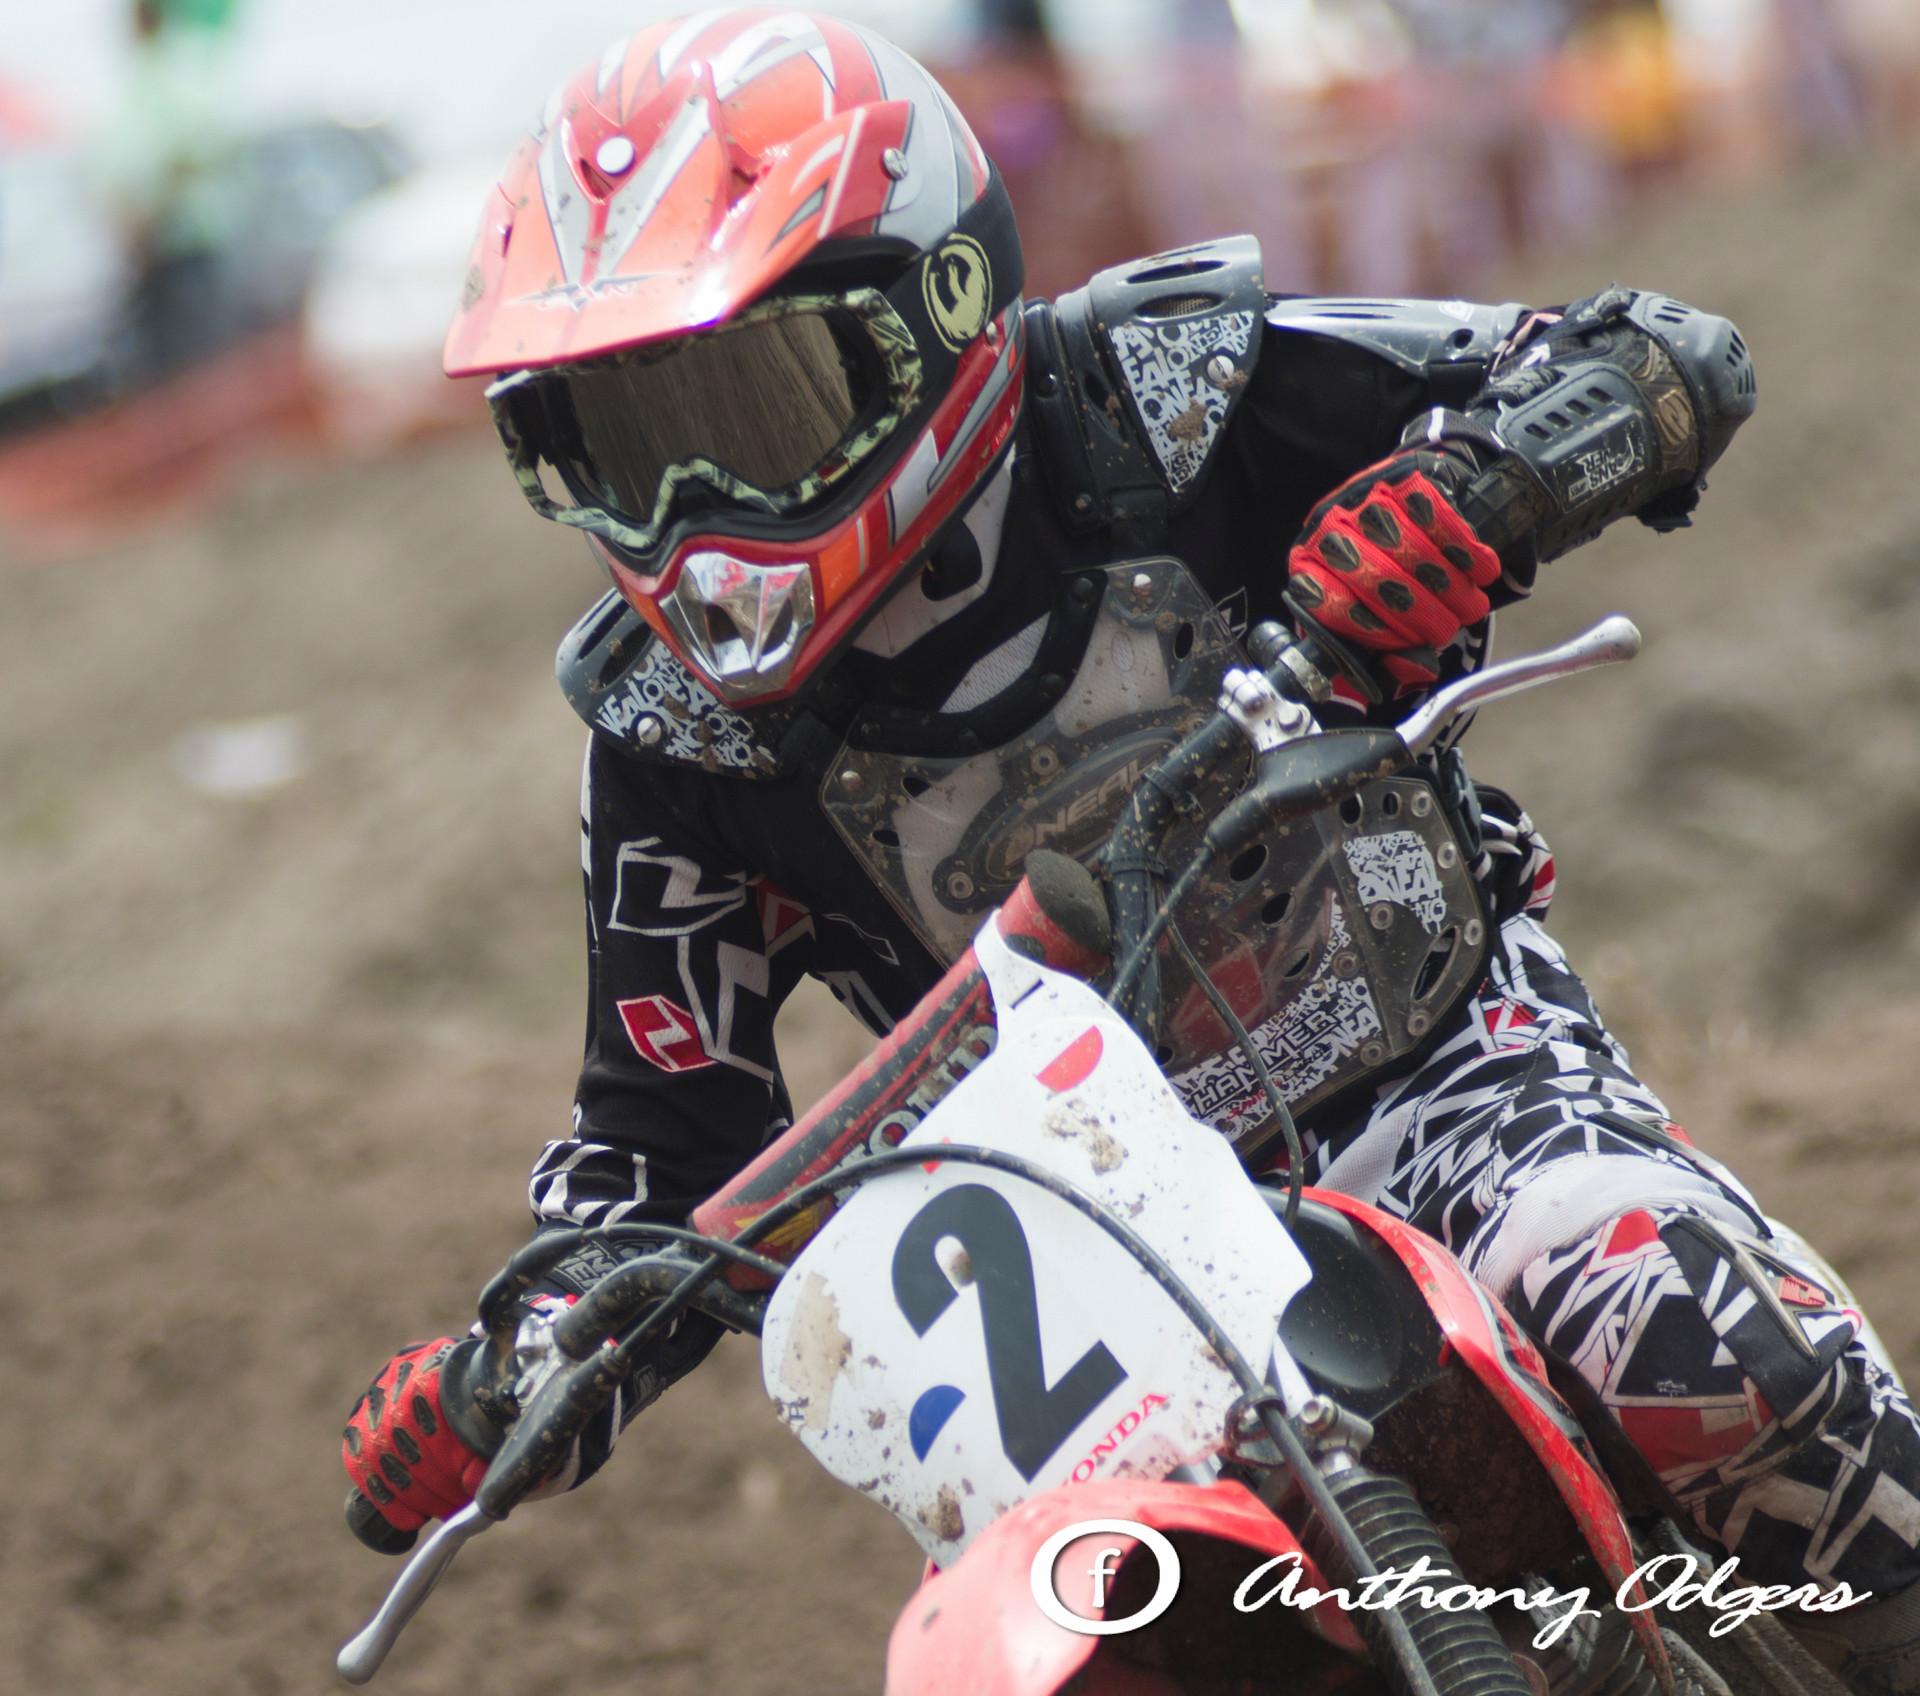 2013-01-06-Motocross Enduro-25.jpg